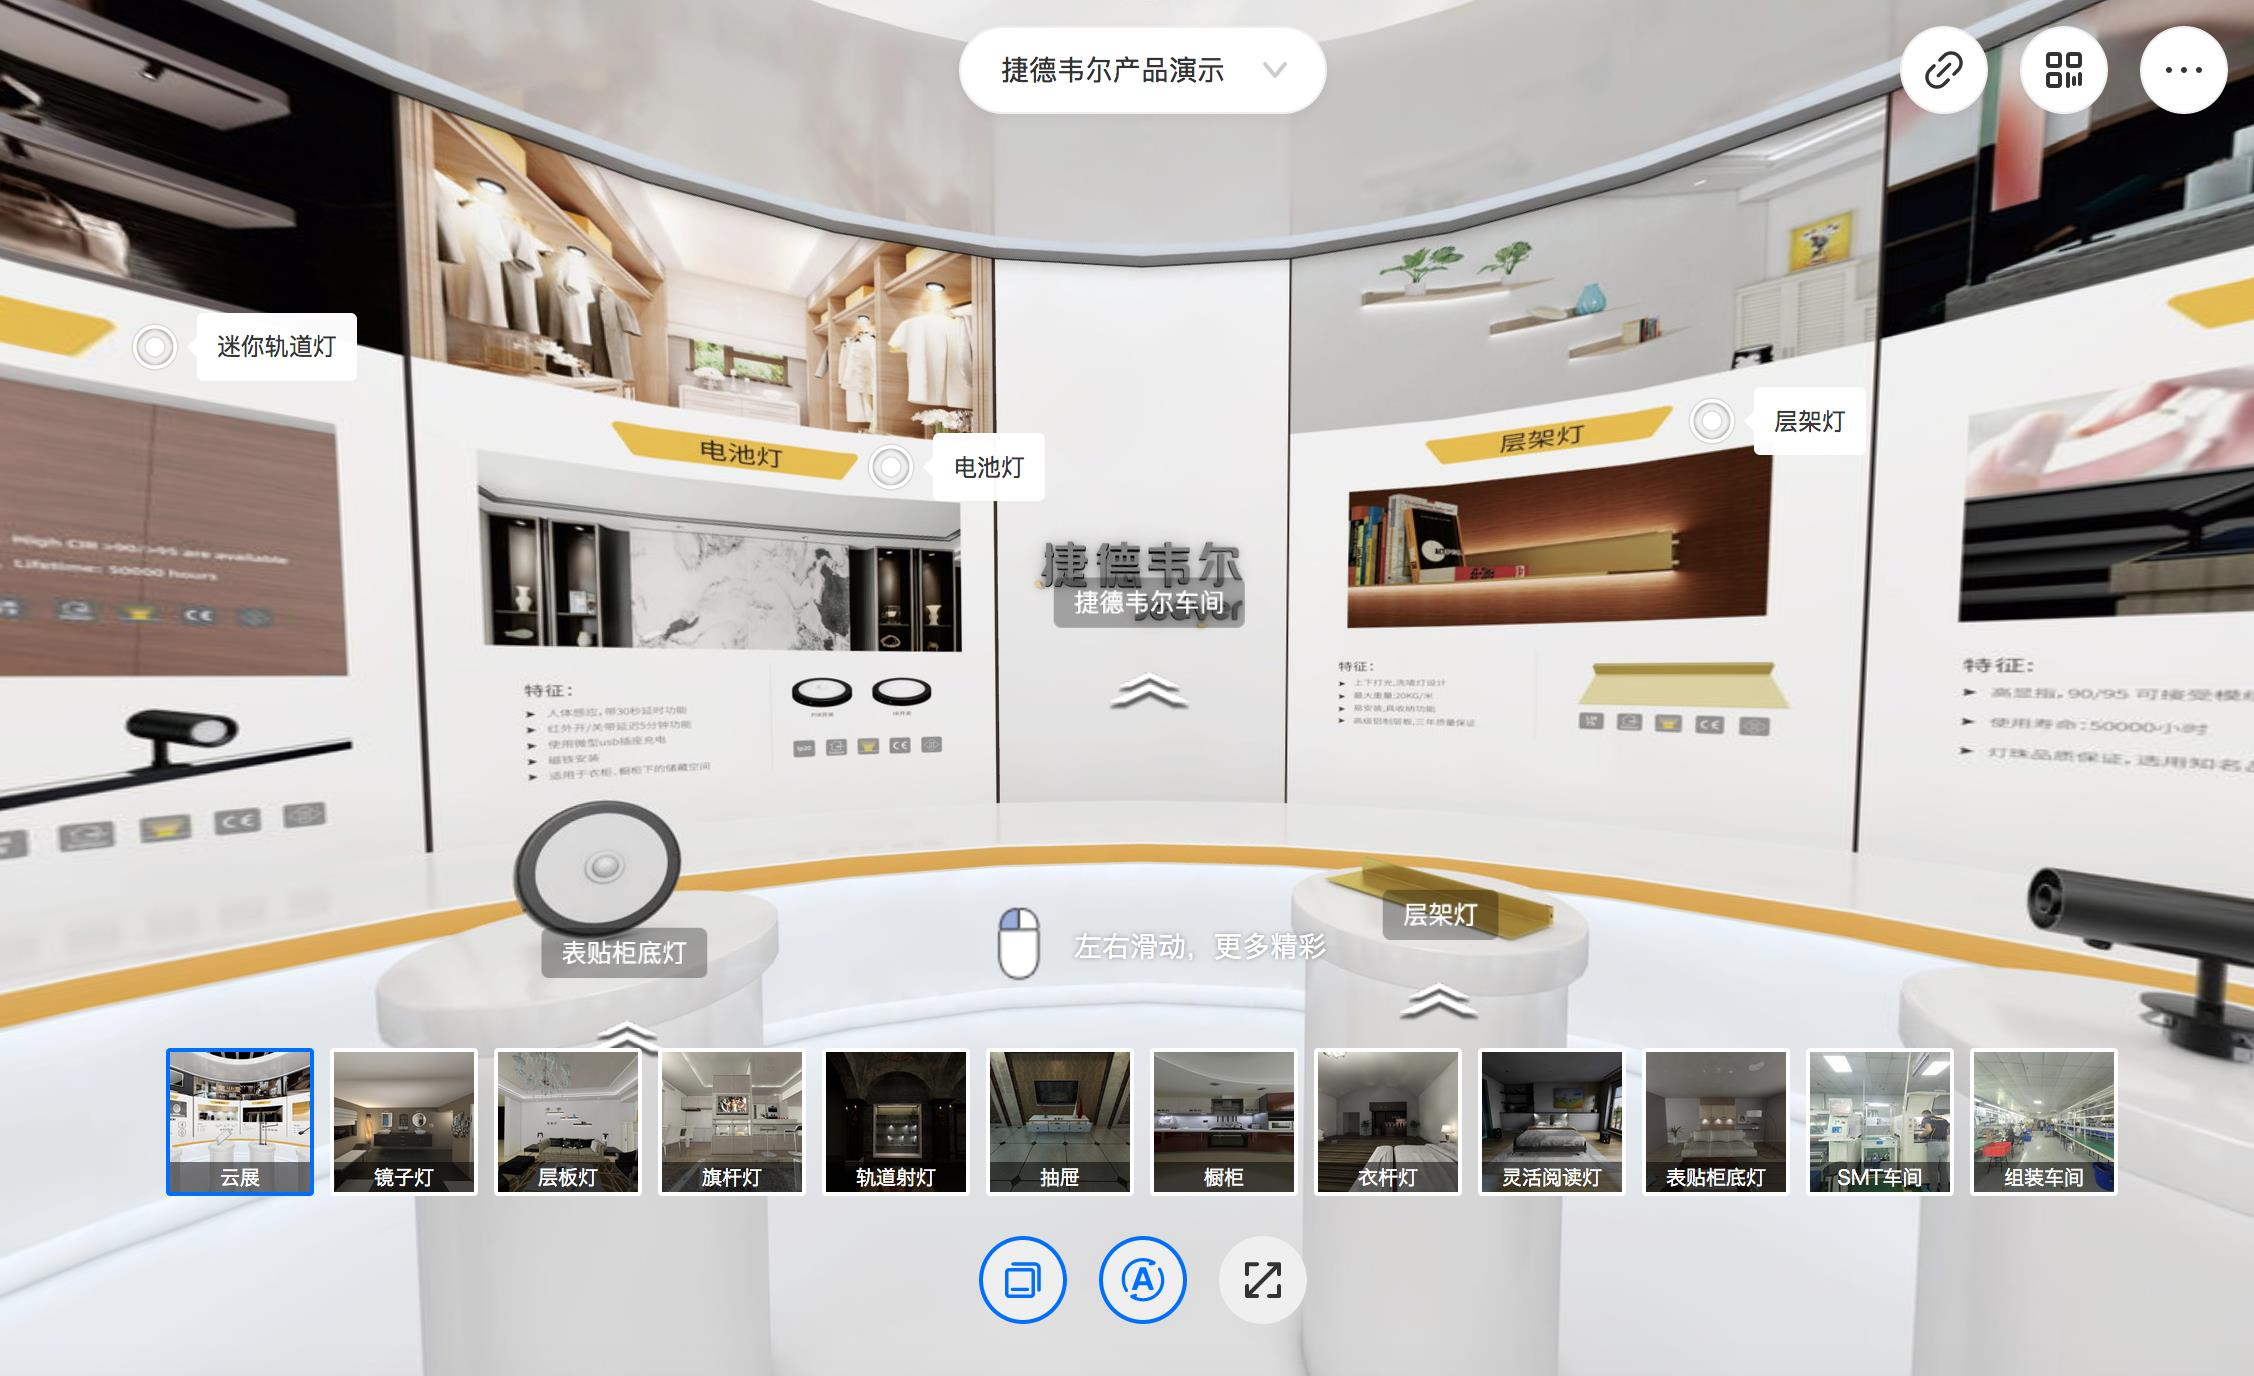 VR全景+环物展示,百度VR助力中国定制家居智慧云展多元升级